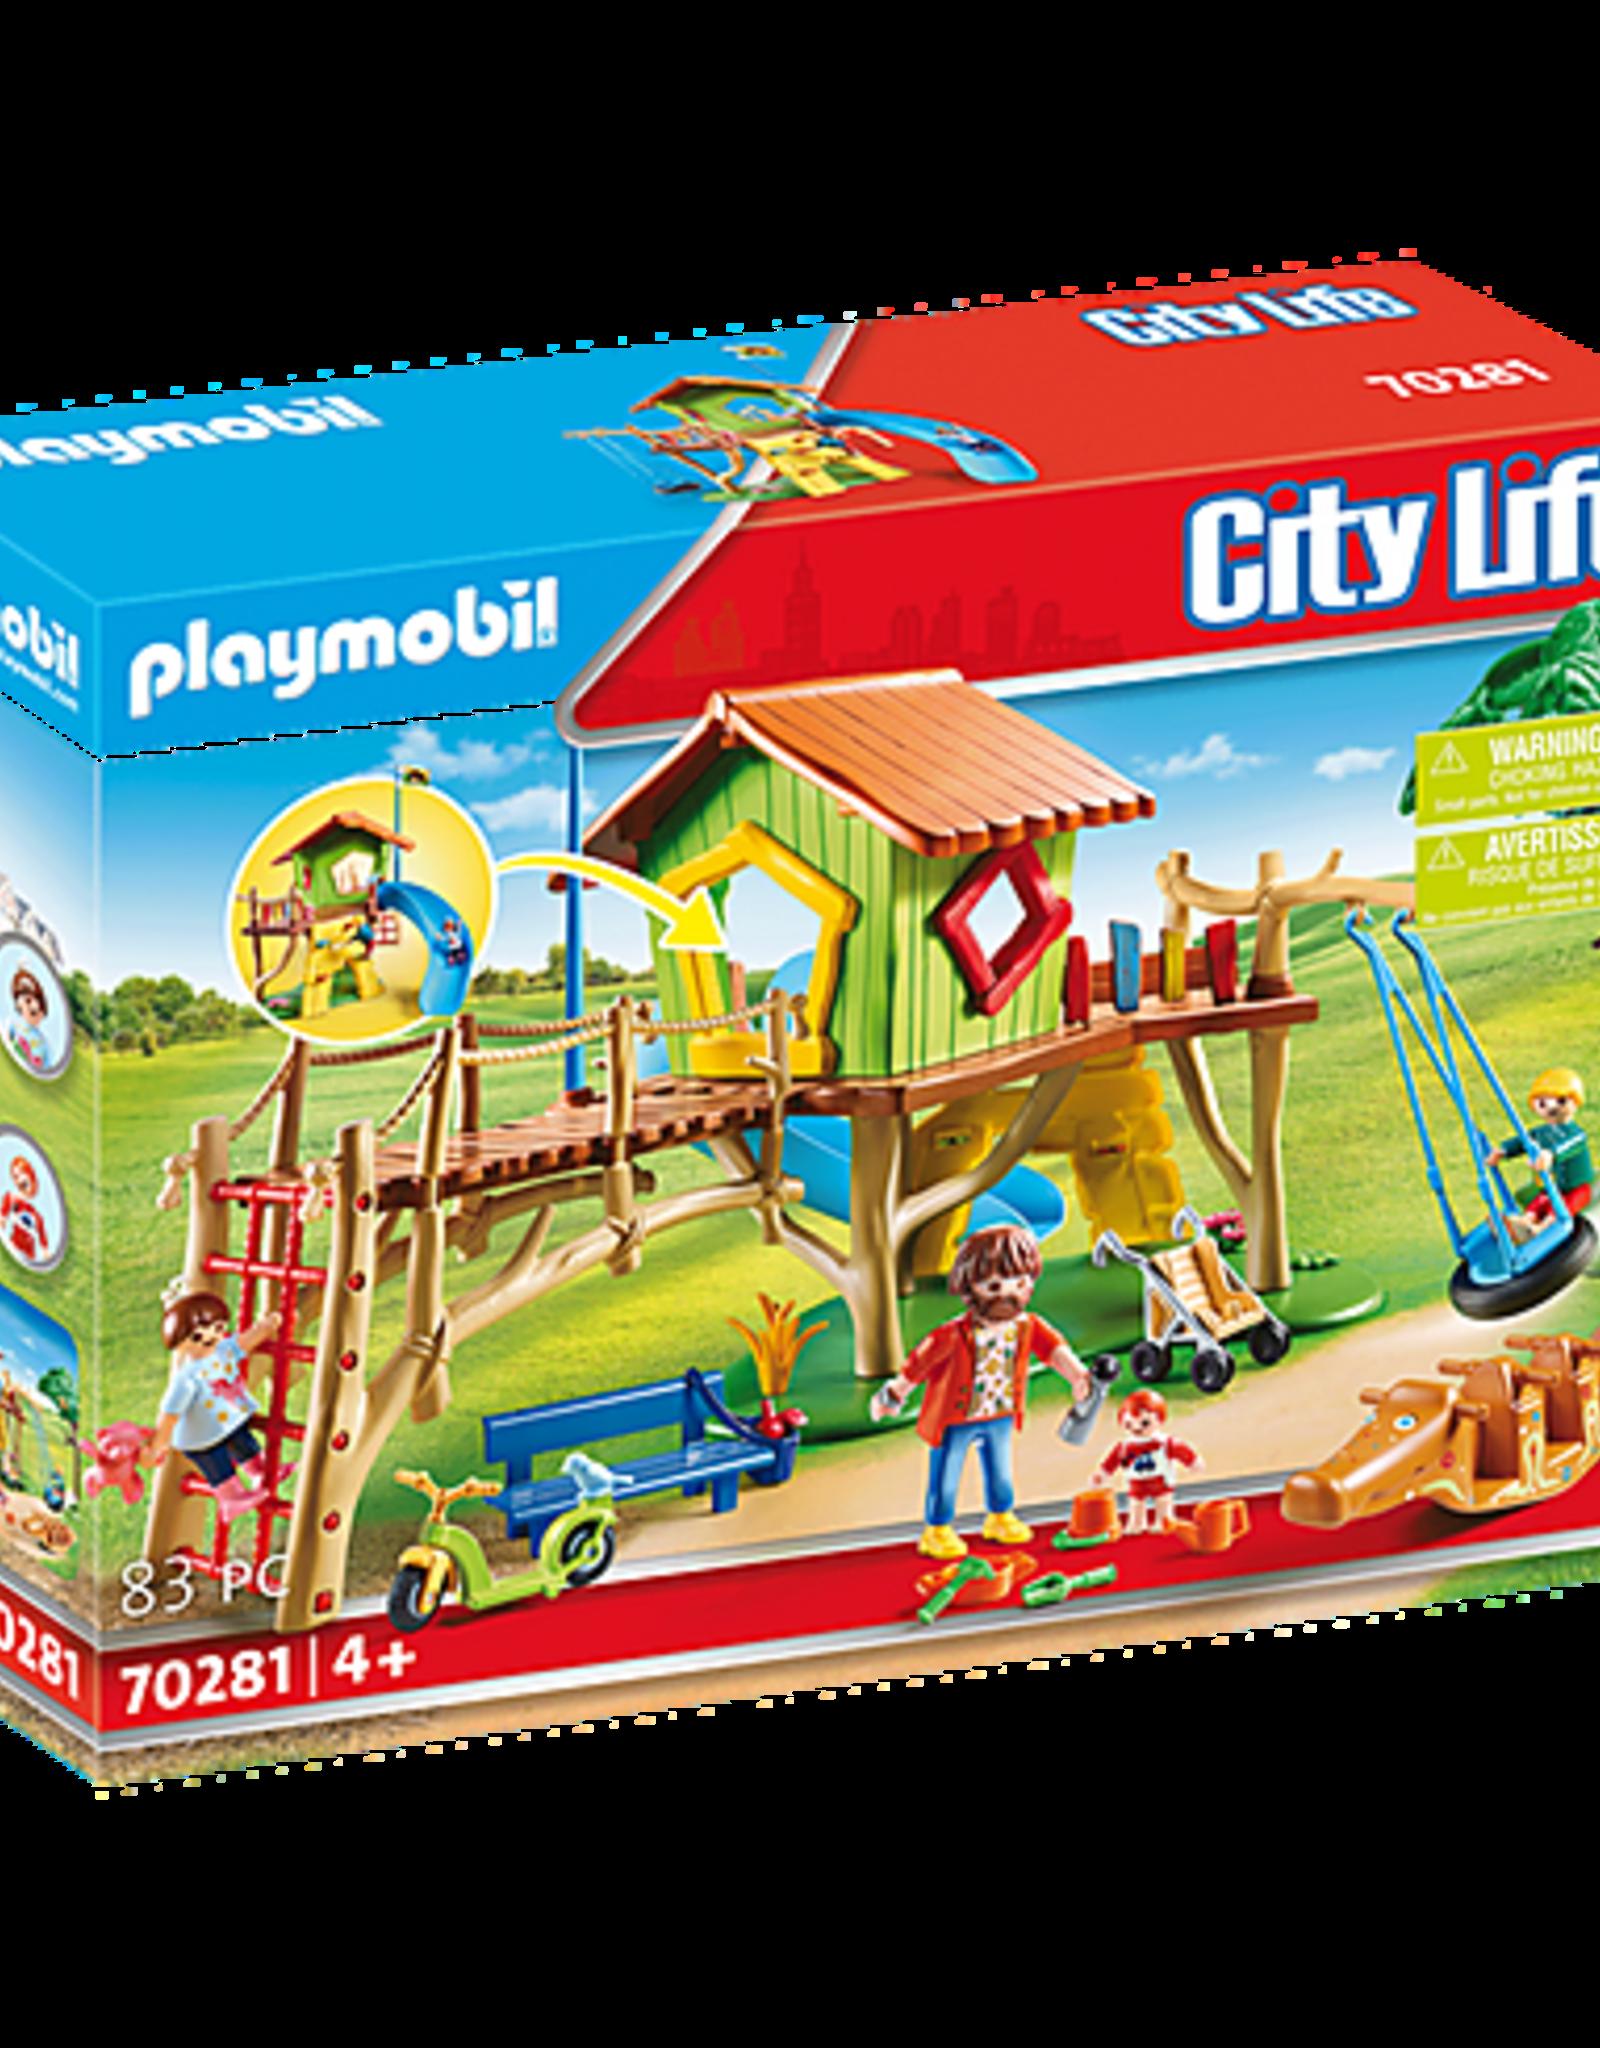 Playmobil 70281 Adventure Playground